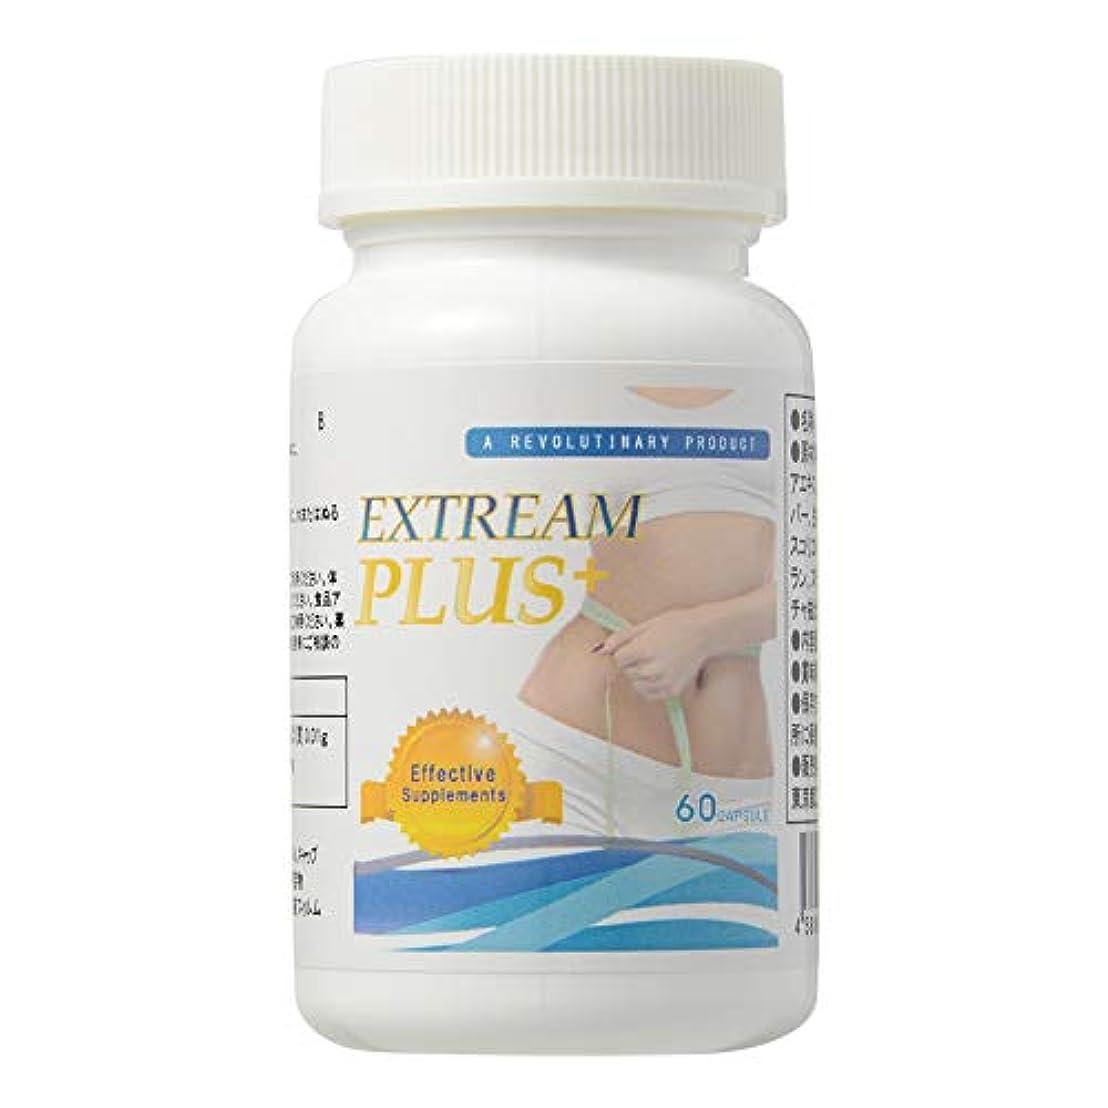 錫破裂かんがいExtream Plus (エクストリームプラス) 栄養補助食品 L-カルニチン サプリメント [250mg×60粒/ 説明書付き]